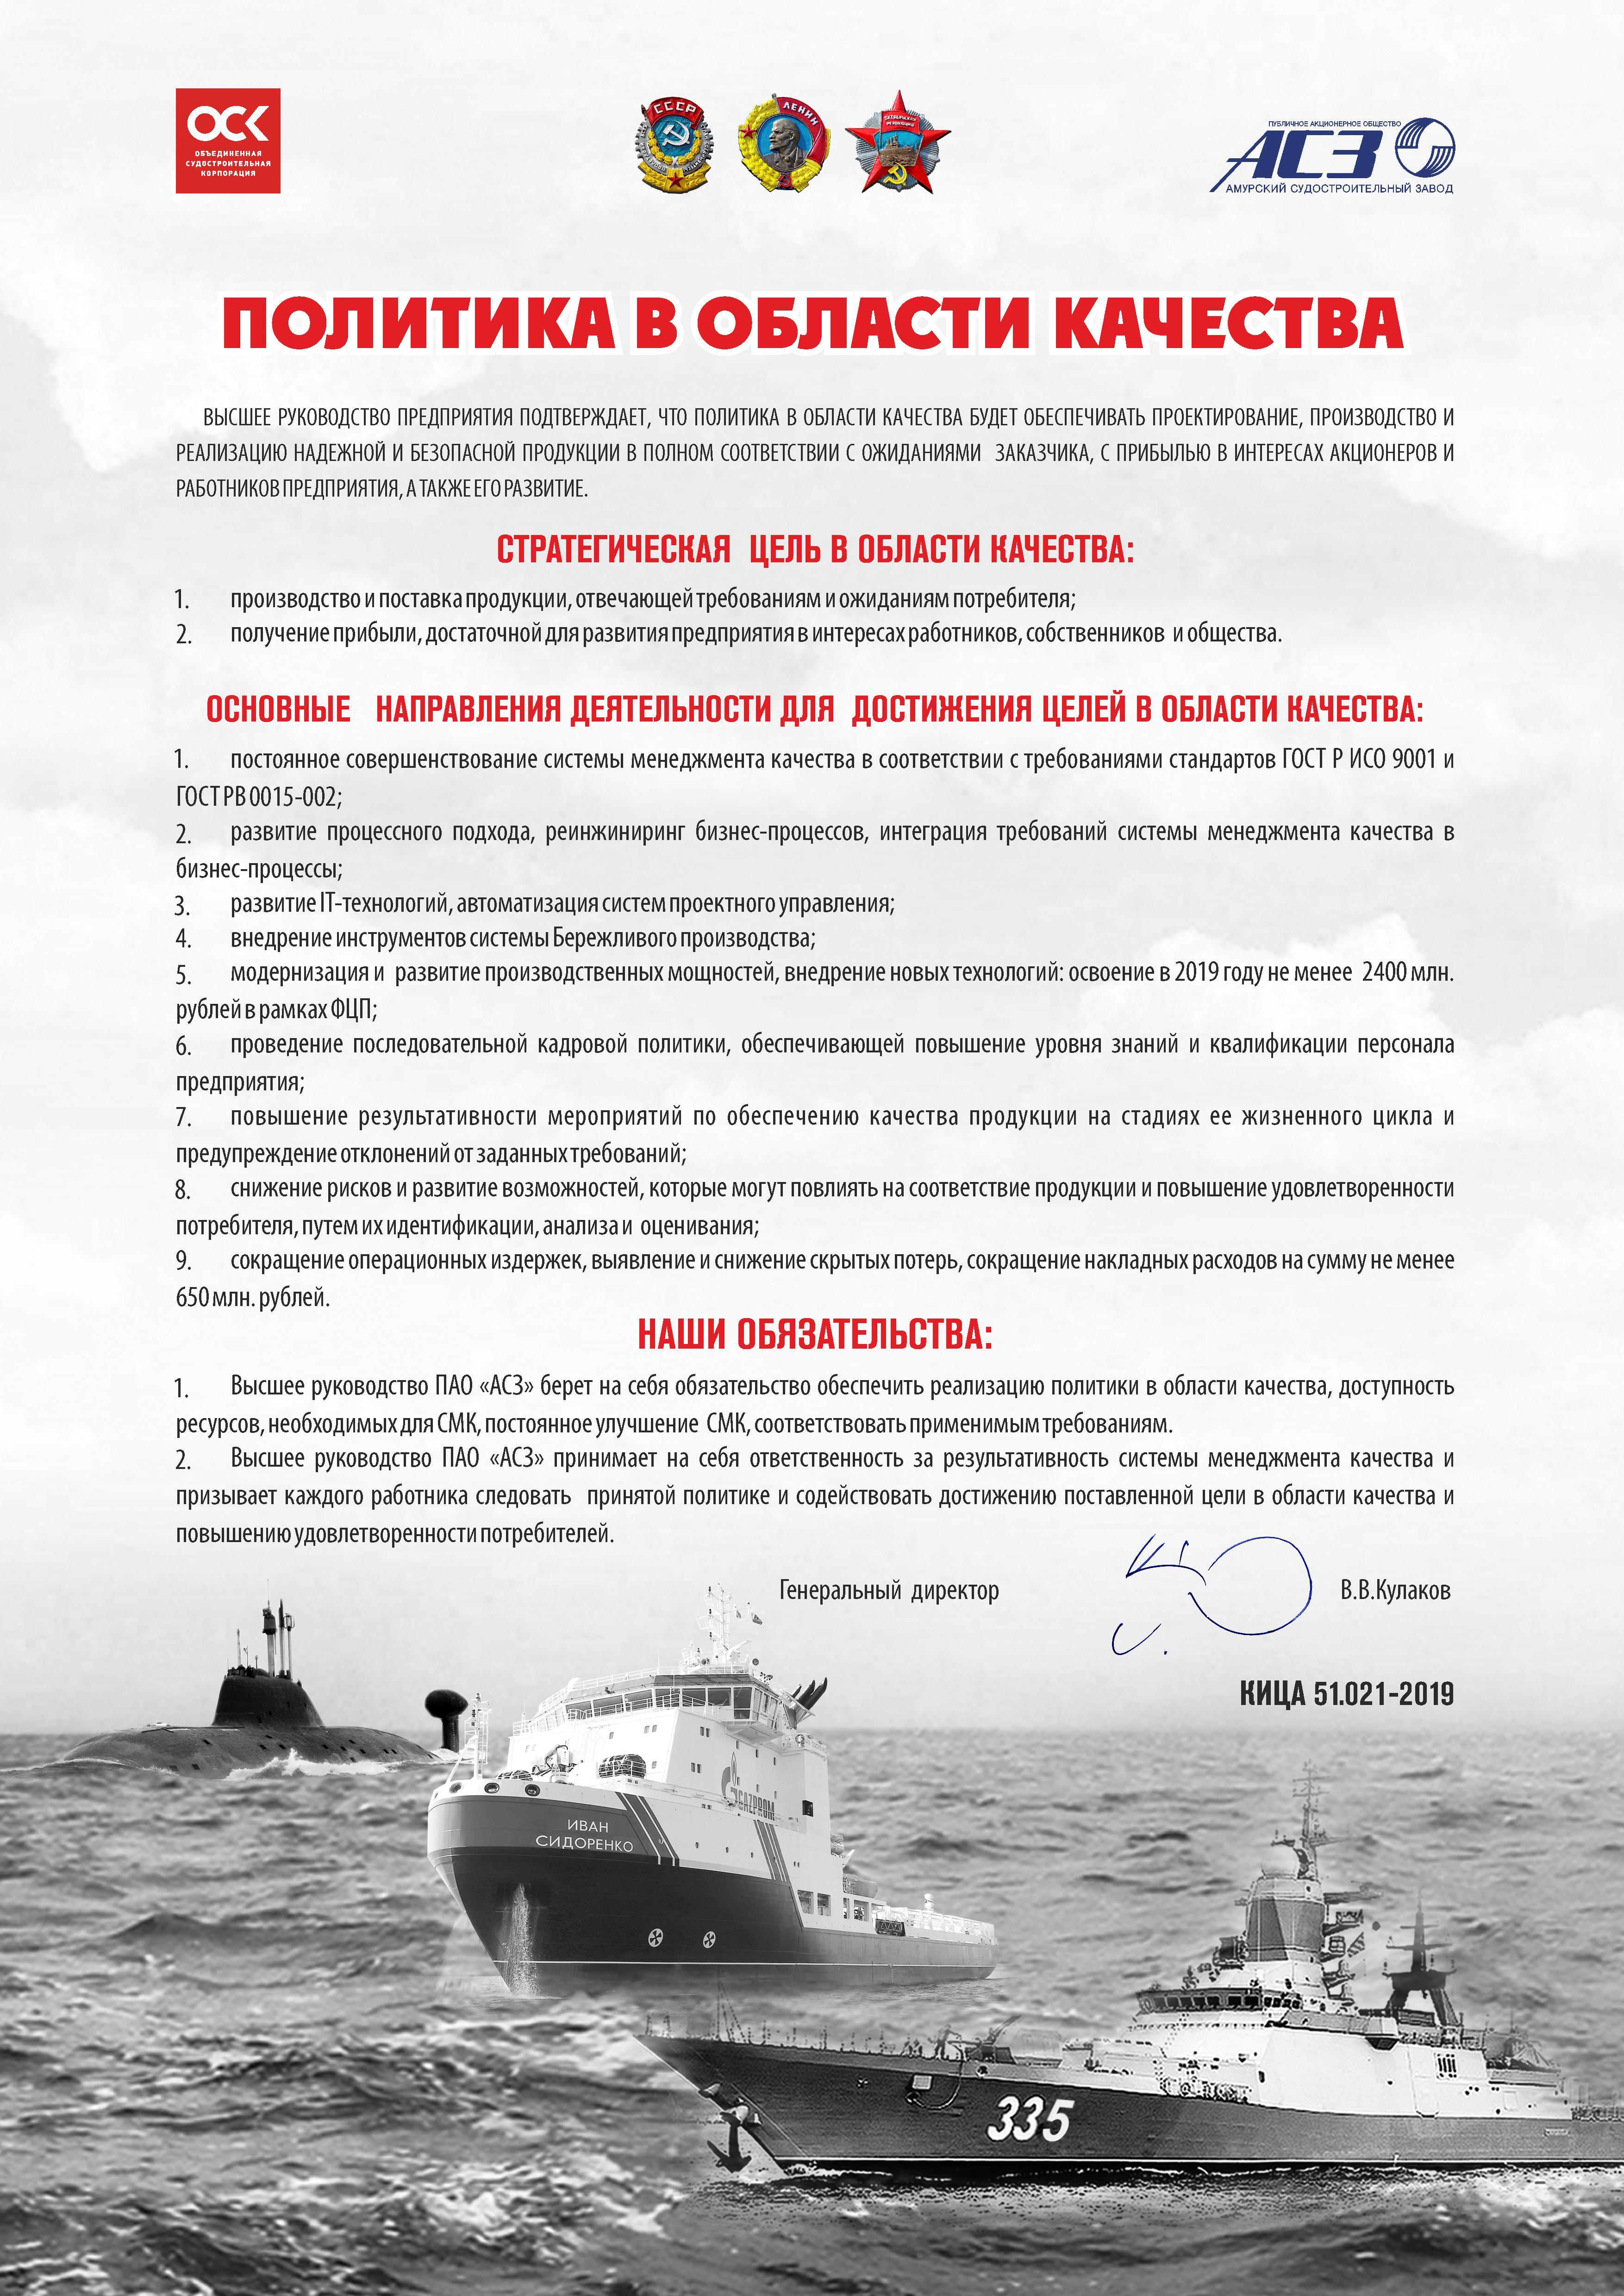 Политика в области качества ПАО АСЗ 2019 утвержденн